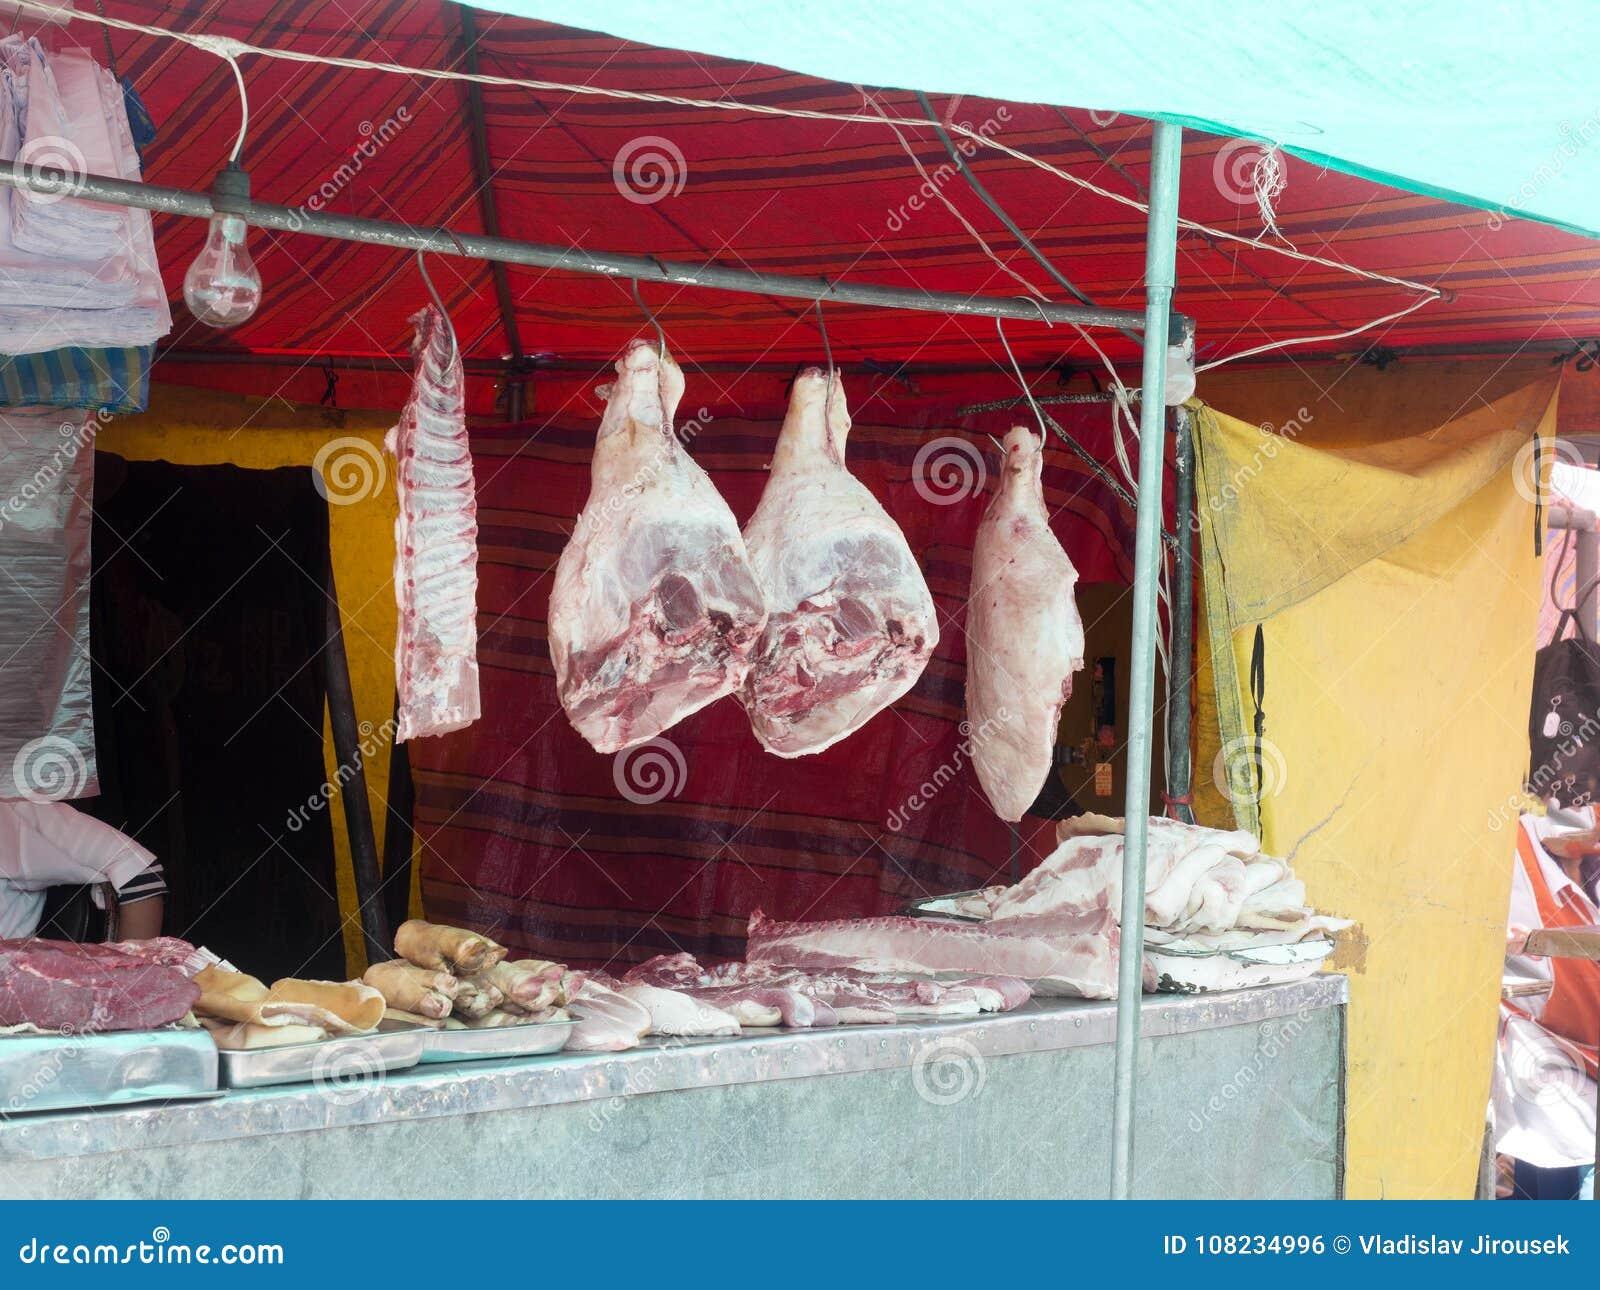 Offre riche de viande, marché de Quito, Equateur